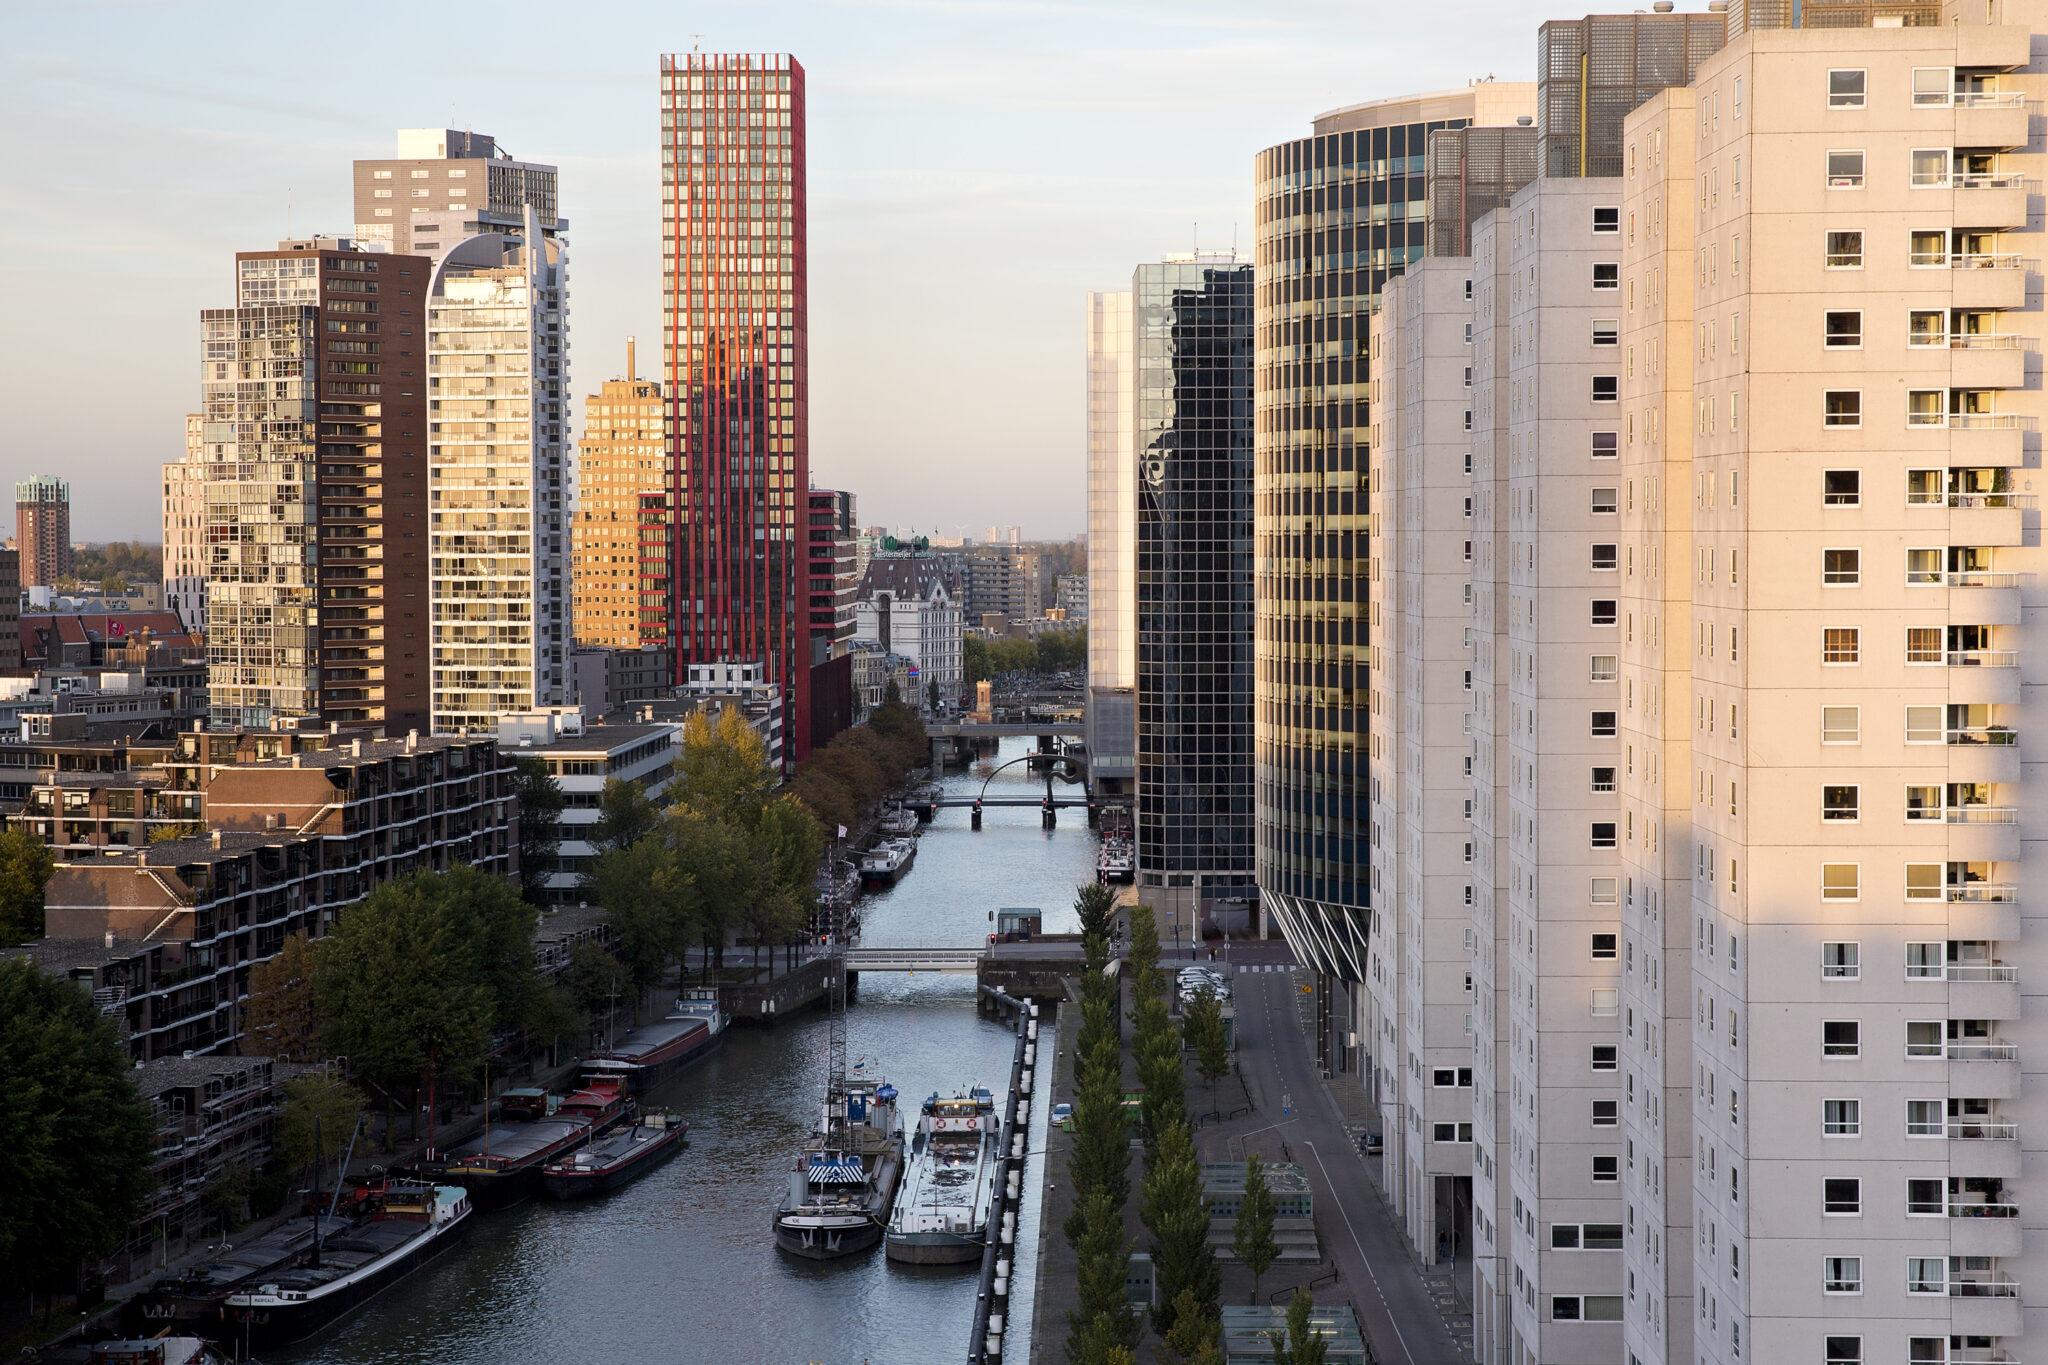 Foto: Iris van den Broek | Rotterdammakeithappen